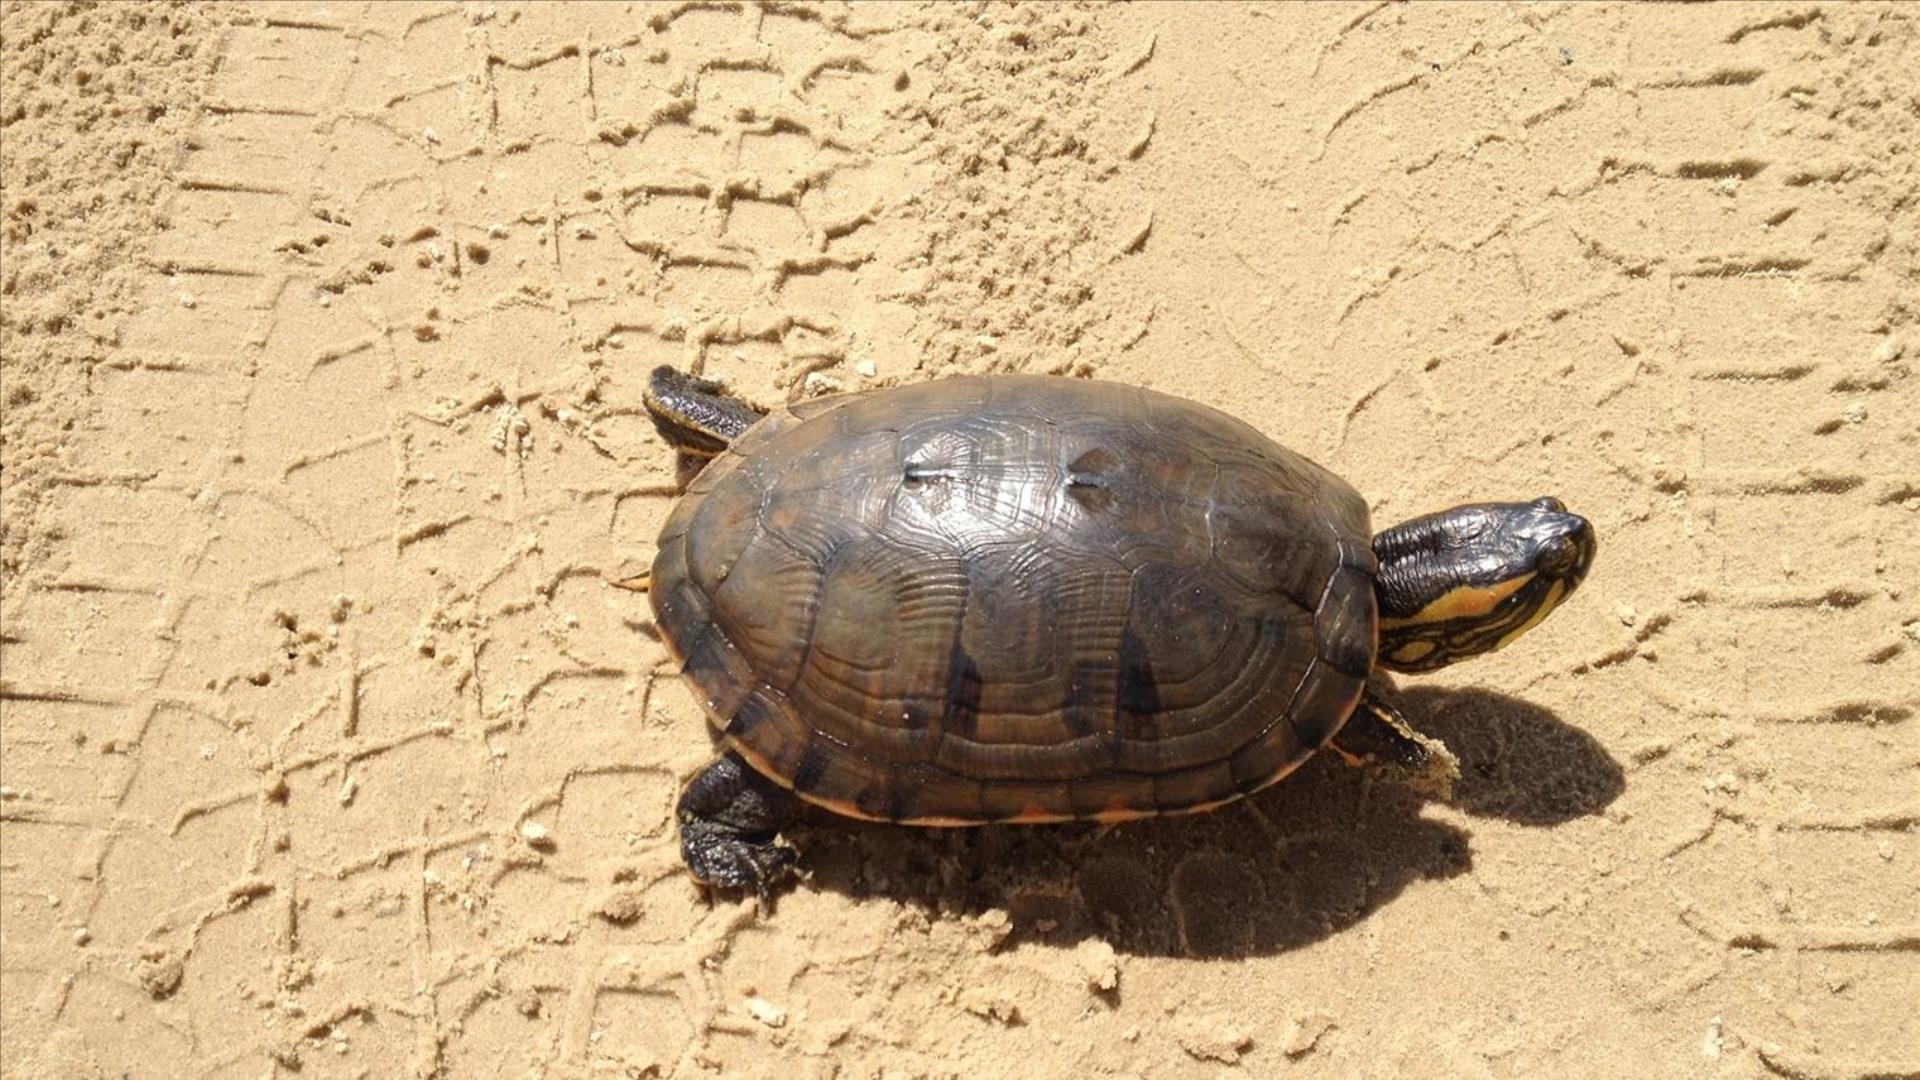 Brasilien Bahia Praia do Forte: Tagesausflug - Besuch des TAMAR Meeresschildkröten Projekts